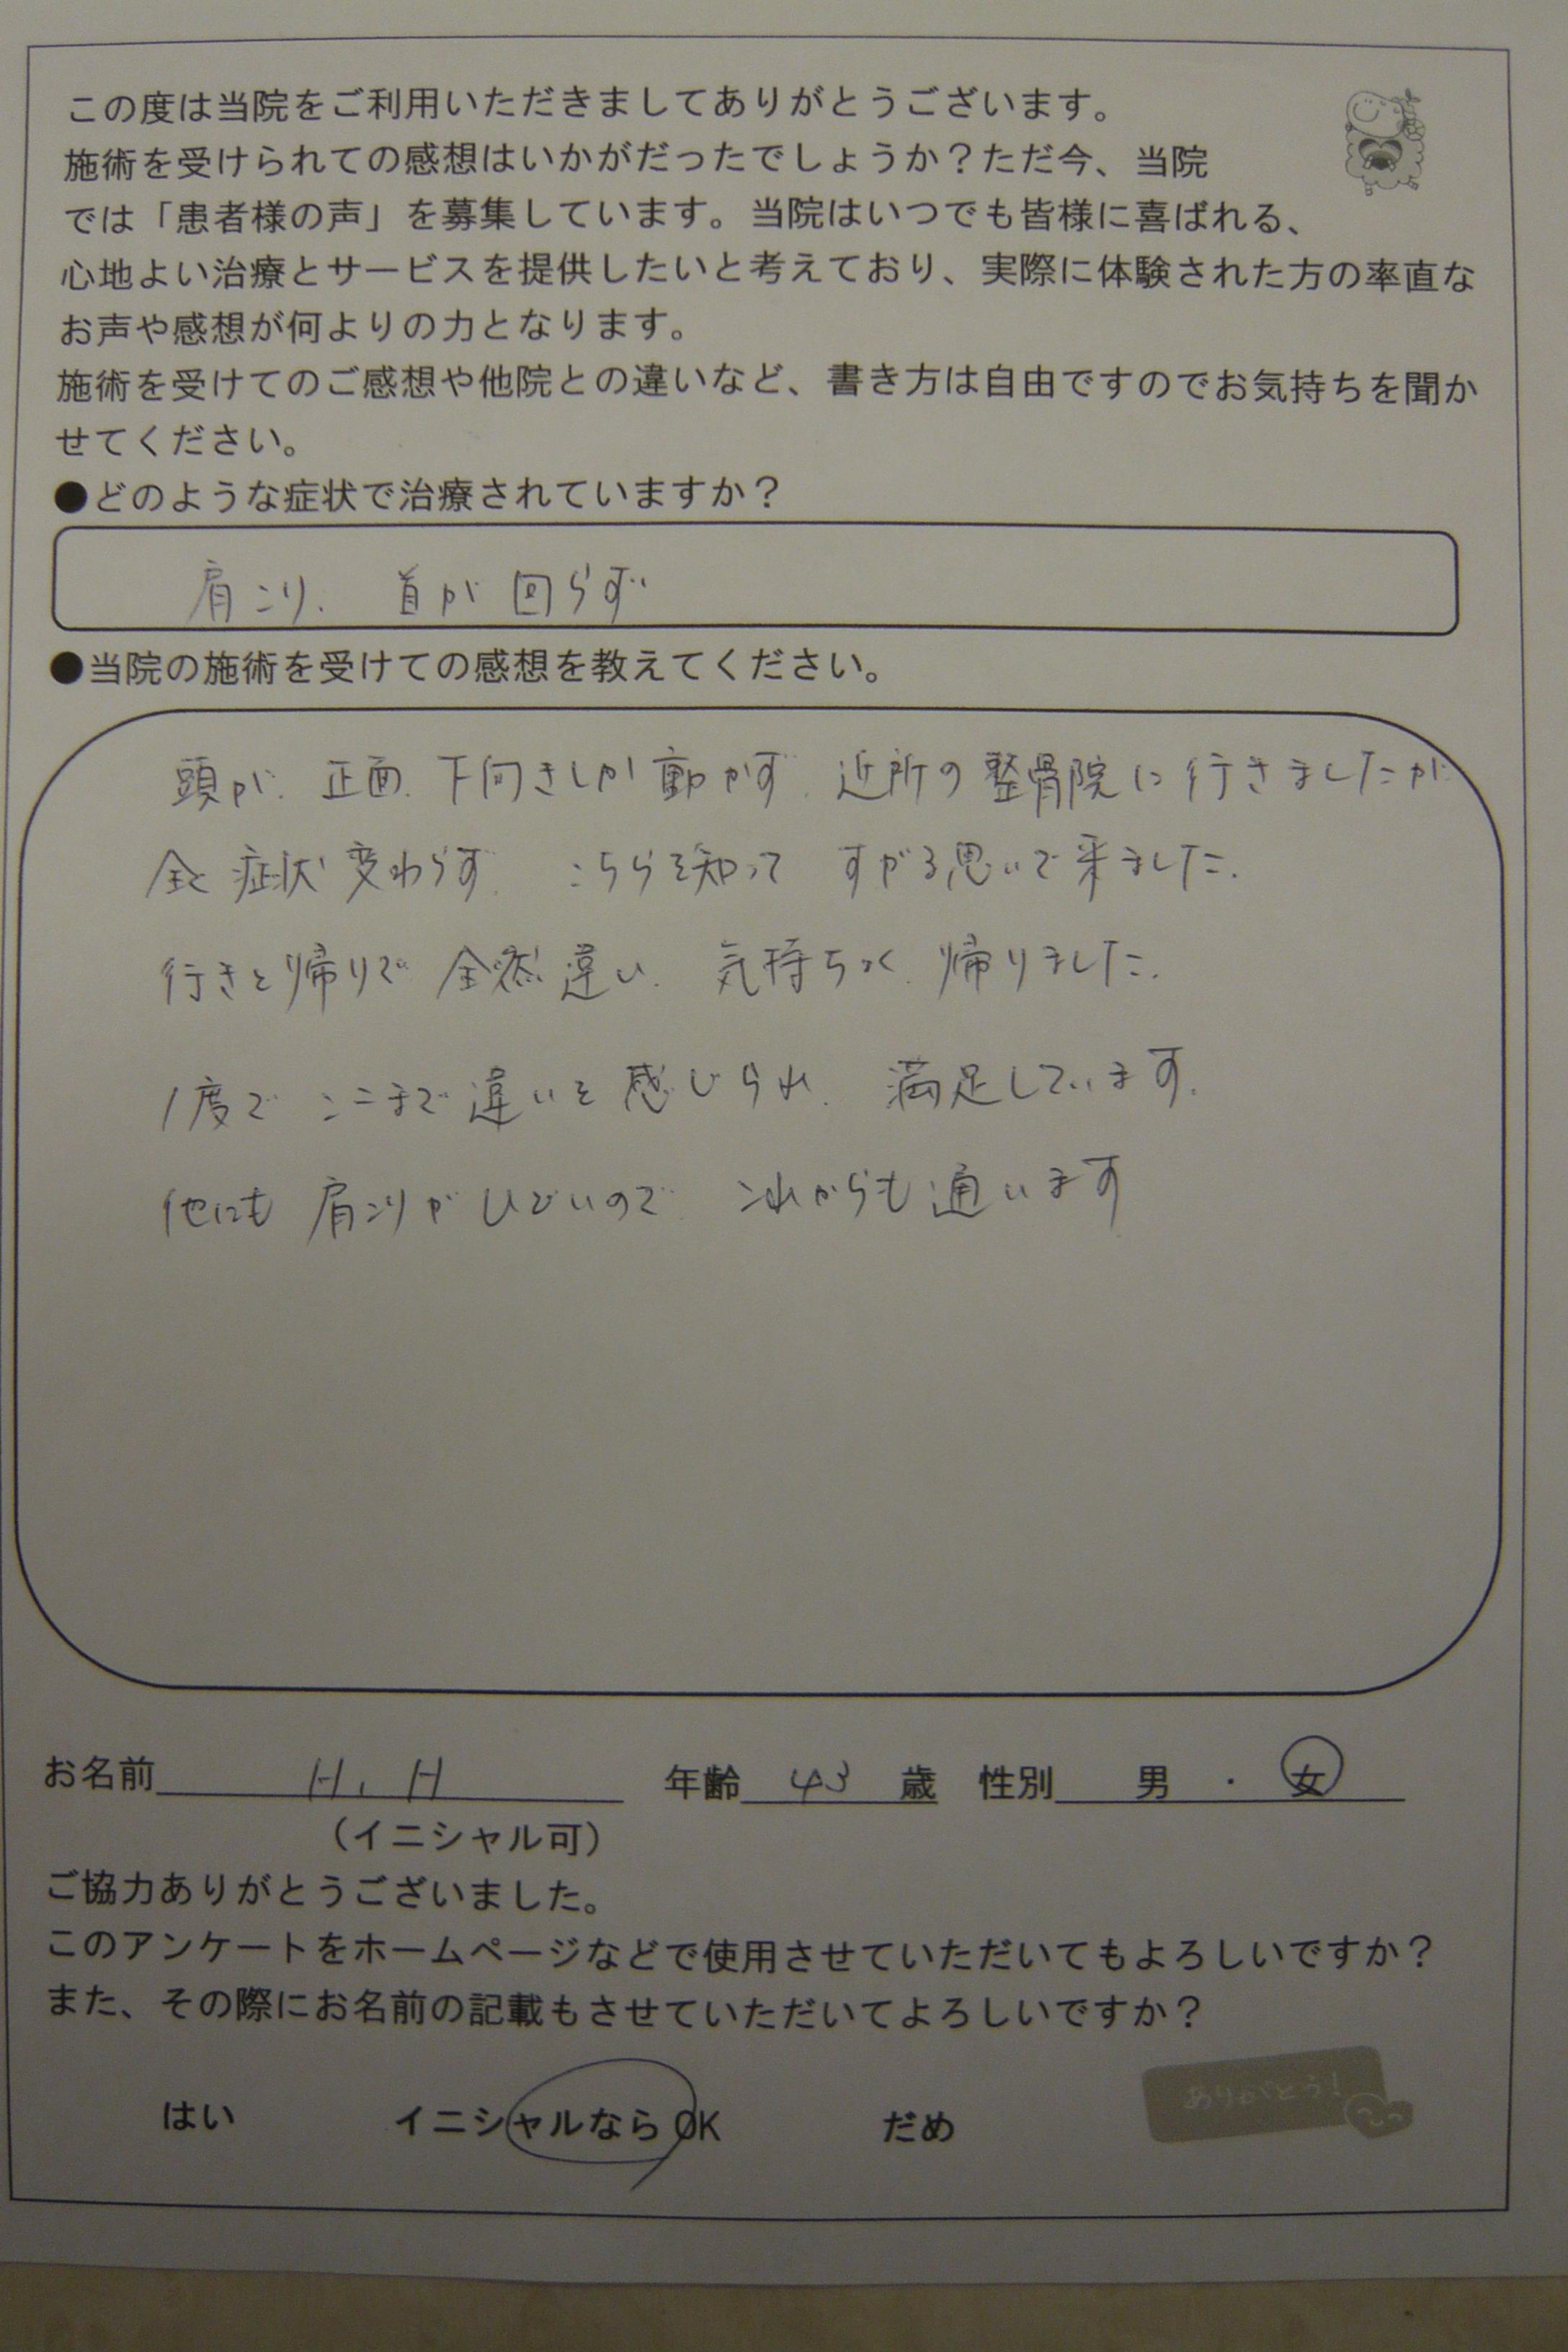 橋本様コメント.JPG